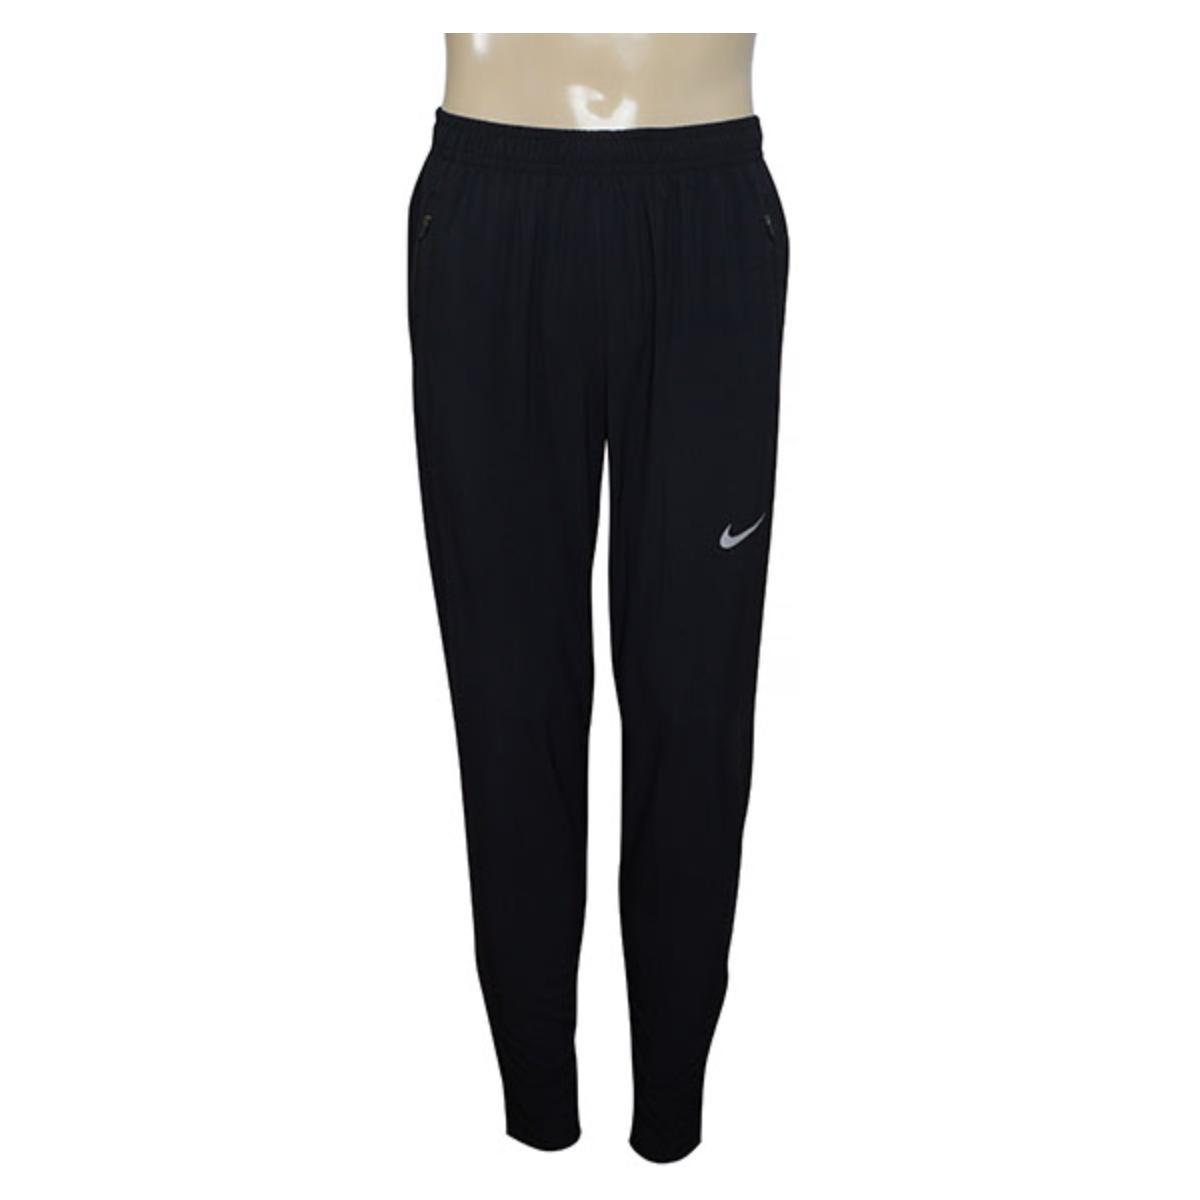 Calça Masculina Nike Aa1997-010 Essential Preto